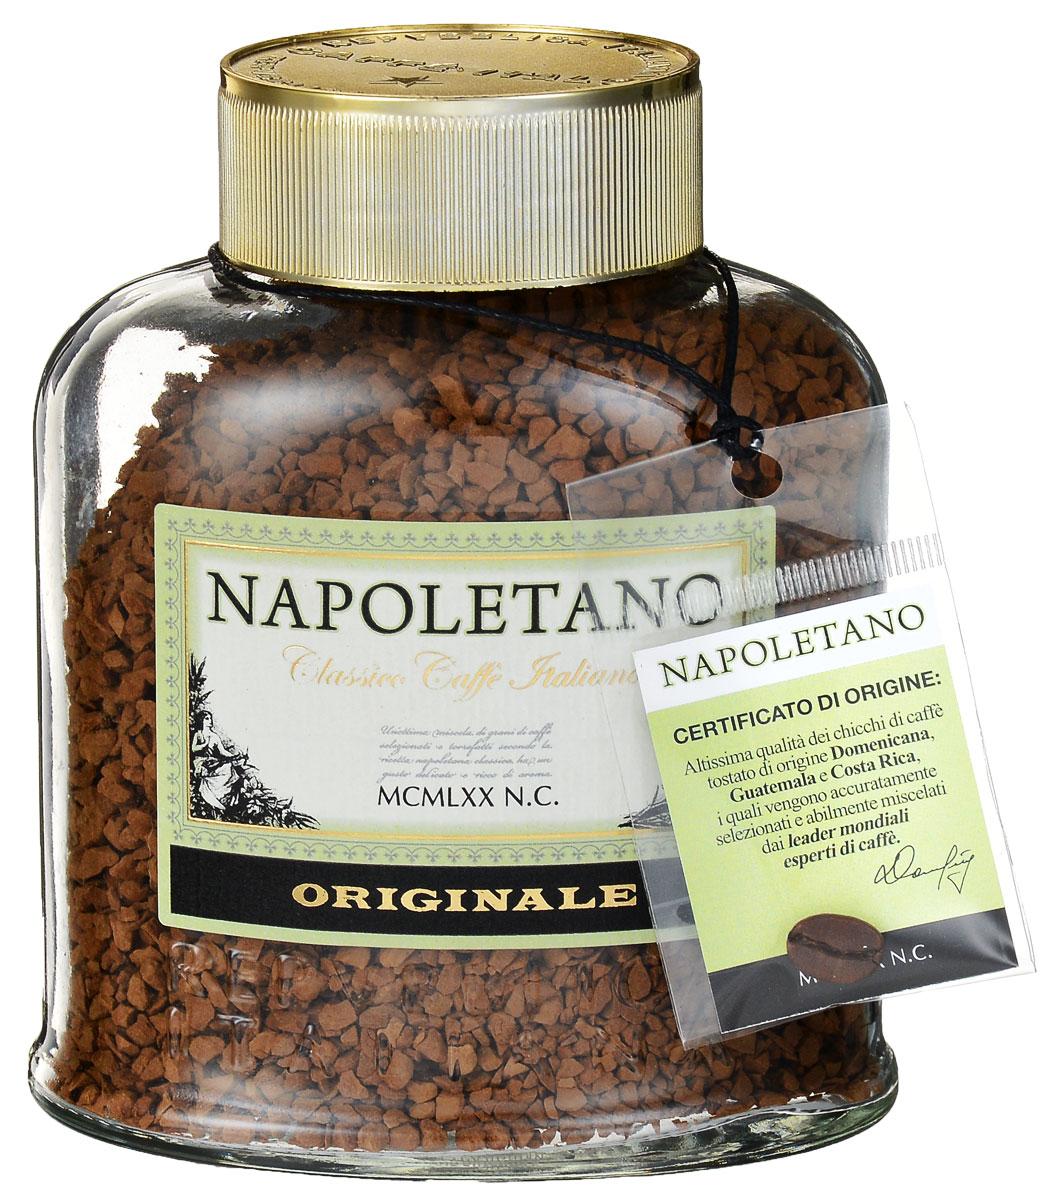 Napoletano Originale кофе растворимый, 100 г8057288870124Napoletano Originale - натуральный растворимый кофе, который передает все оттенки вкуса знаменитого неаполитанского эспрессо. Итальянский кофе премиум-класса Napoletano с удивительным, насыщенным вкусом и ароматом отборной арабики, традиционной обжарки. Приготовлен по классическому рецепту южноитальянской провинции Кампанья из отборных кофейных зерен арабики сортов из Доминиканской республики, Гватемалы и Коста-Рики.